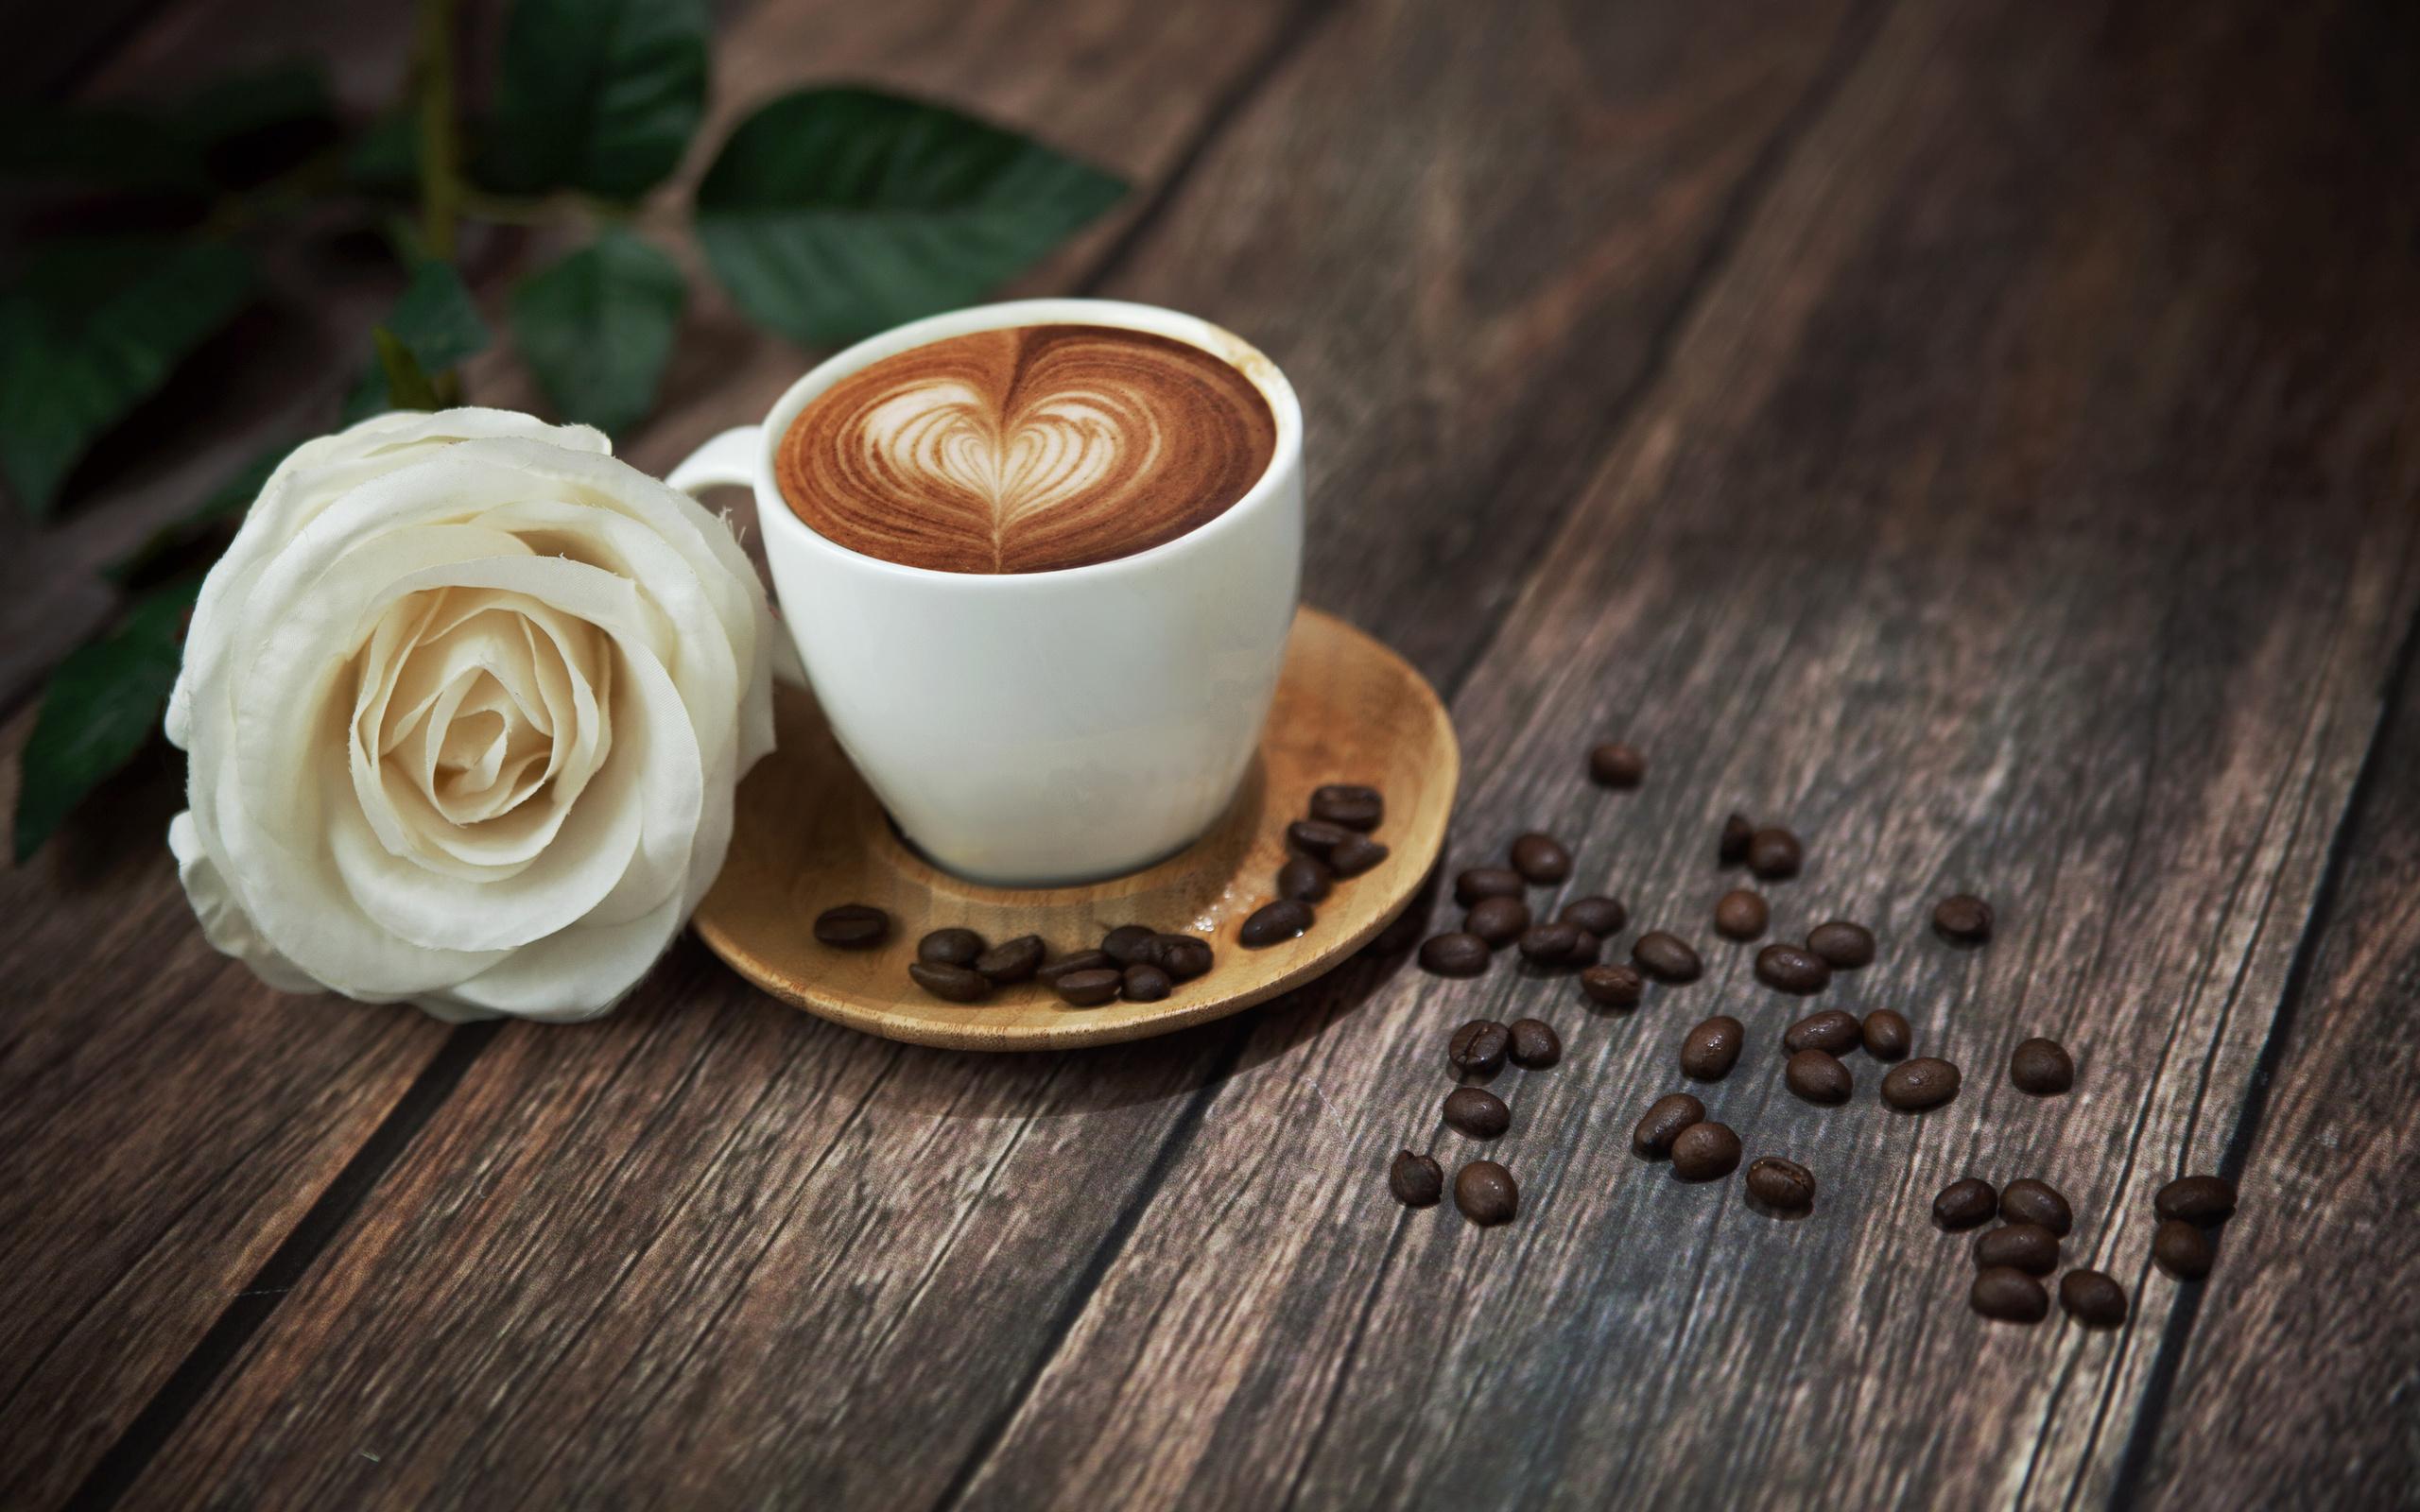 Картинки цветы и кофе красивые, картинки